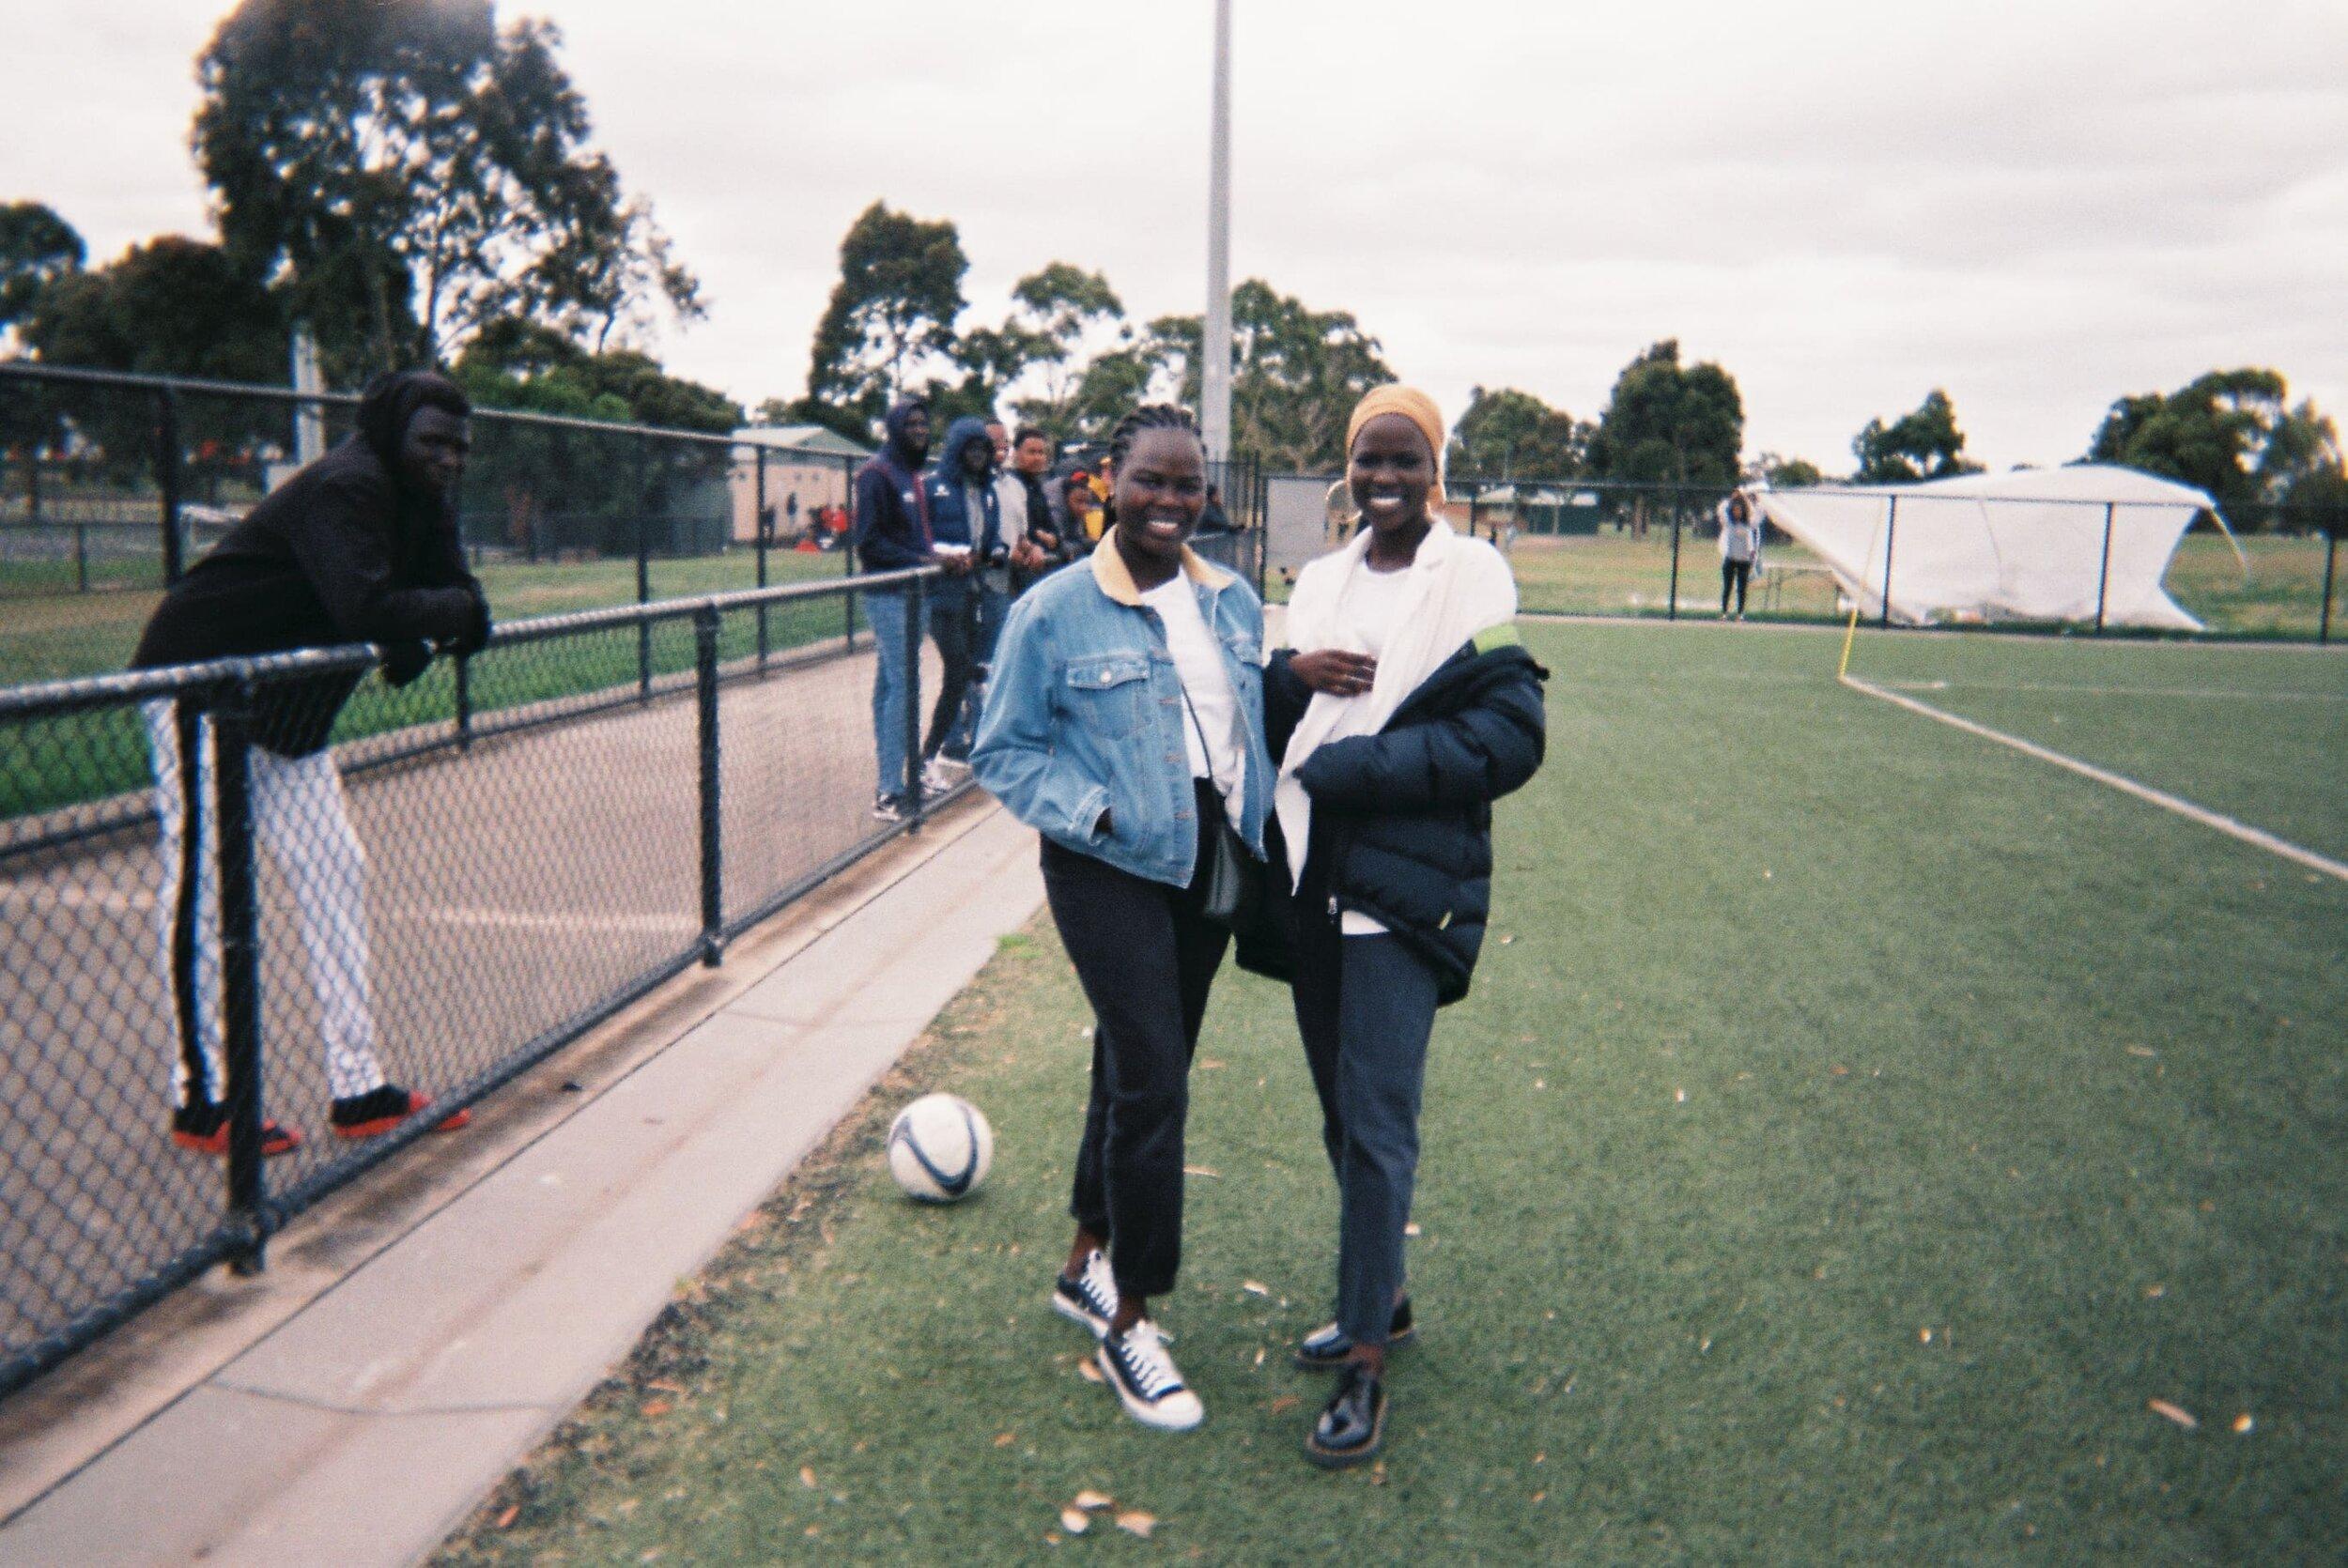 Αυστραλία - Football Victoria - Eangano 22.jpg